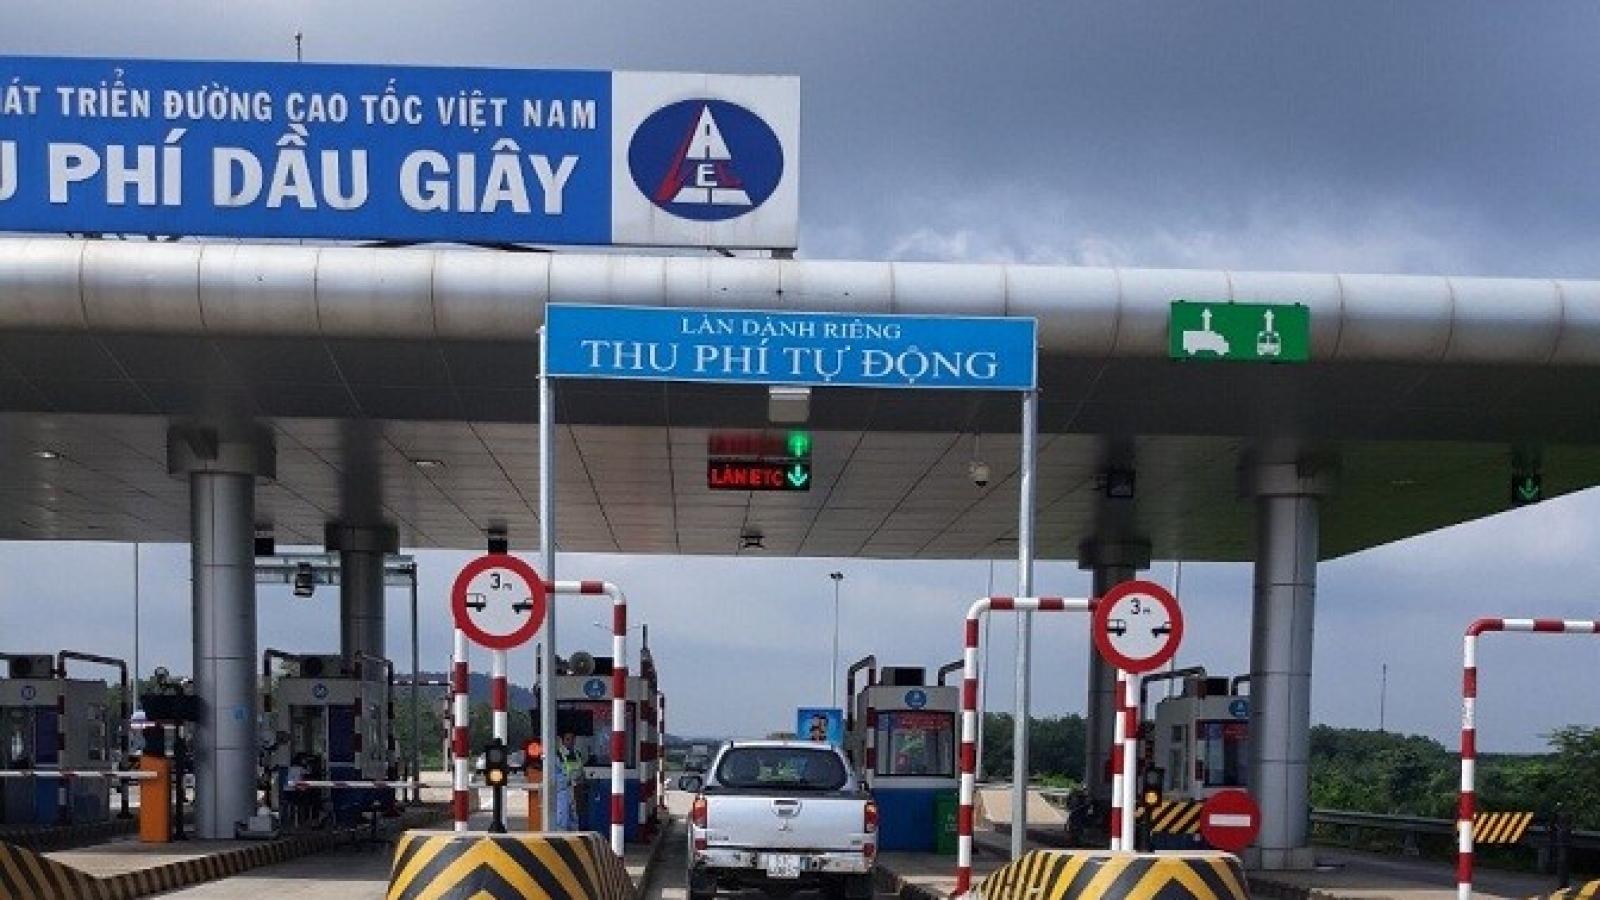 Vì sao dán thẻ không dừng ETC nhưng tài xế vẫn phải ấm ức trả tiền mặt khi qua trạm?